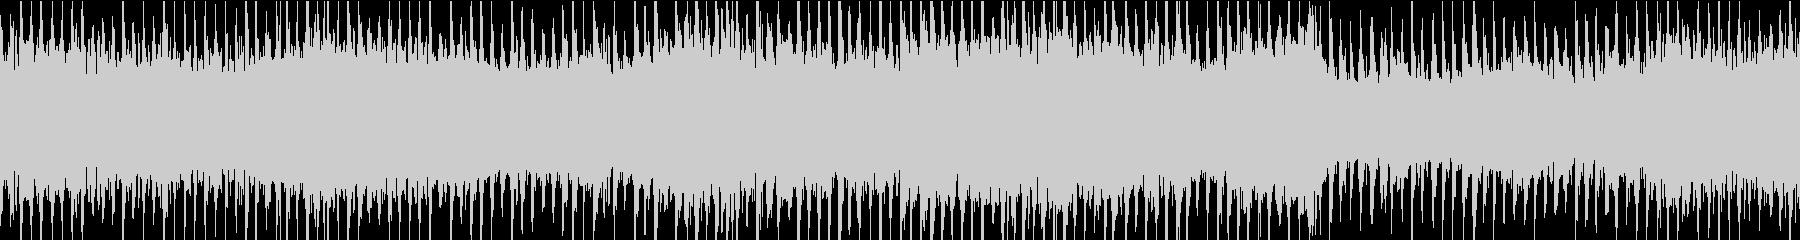 イルミネーションBGM③ビート感:ループの未再生の波形